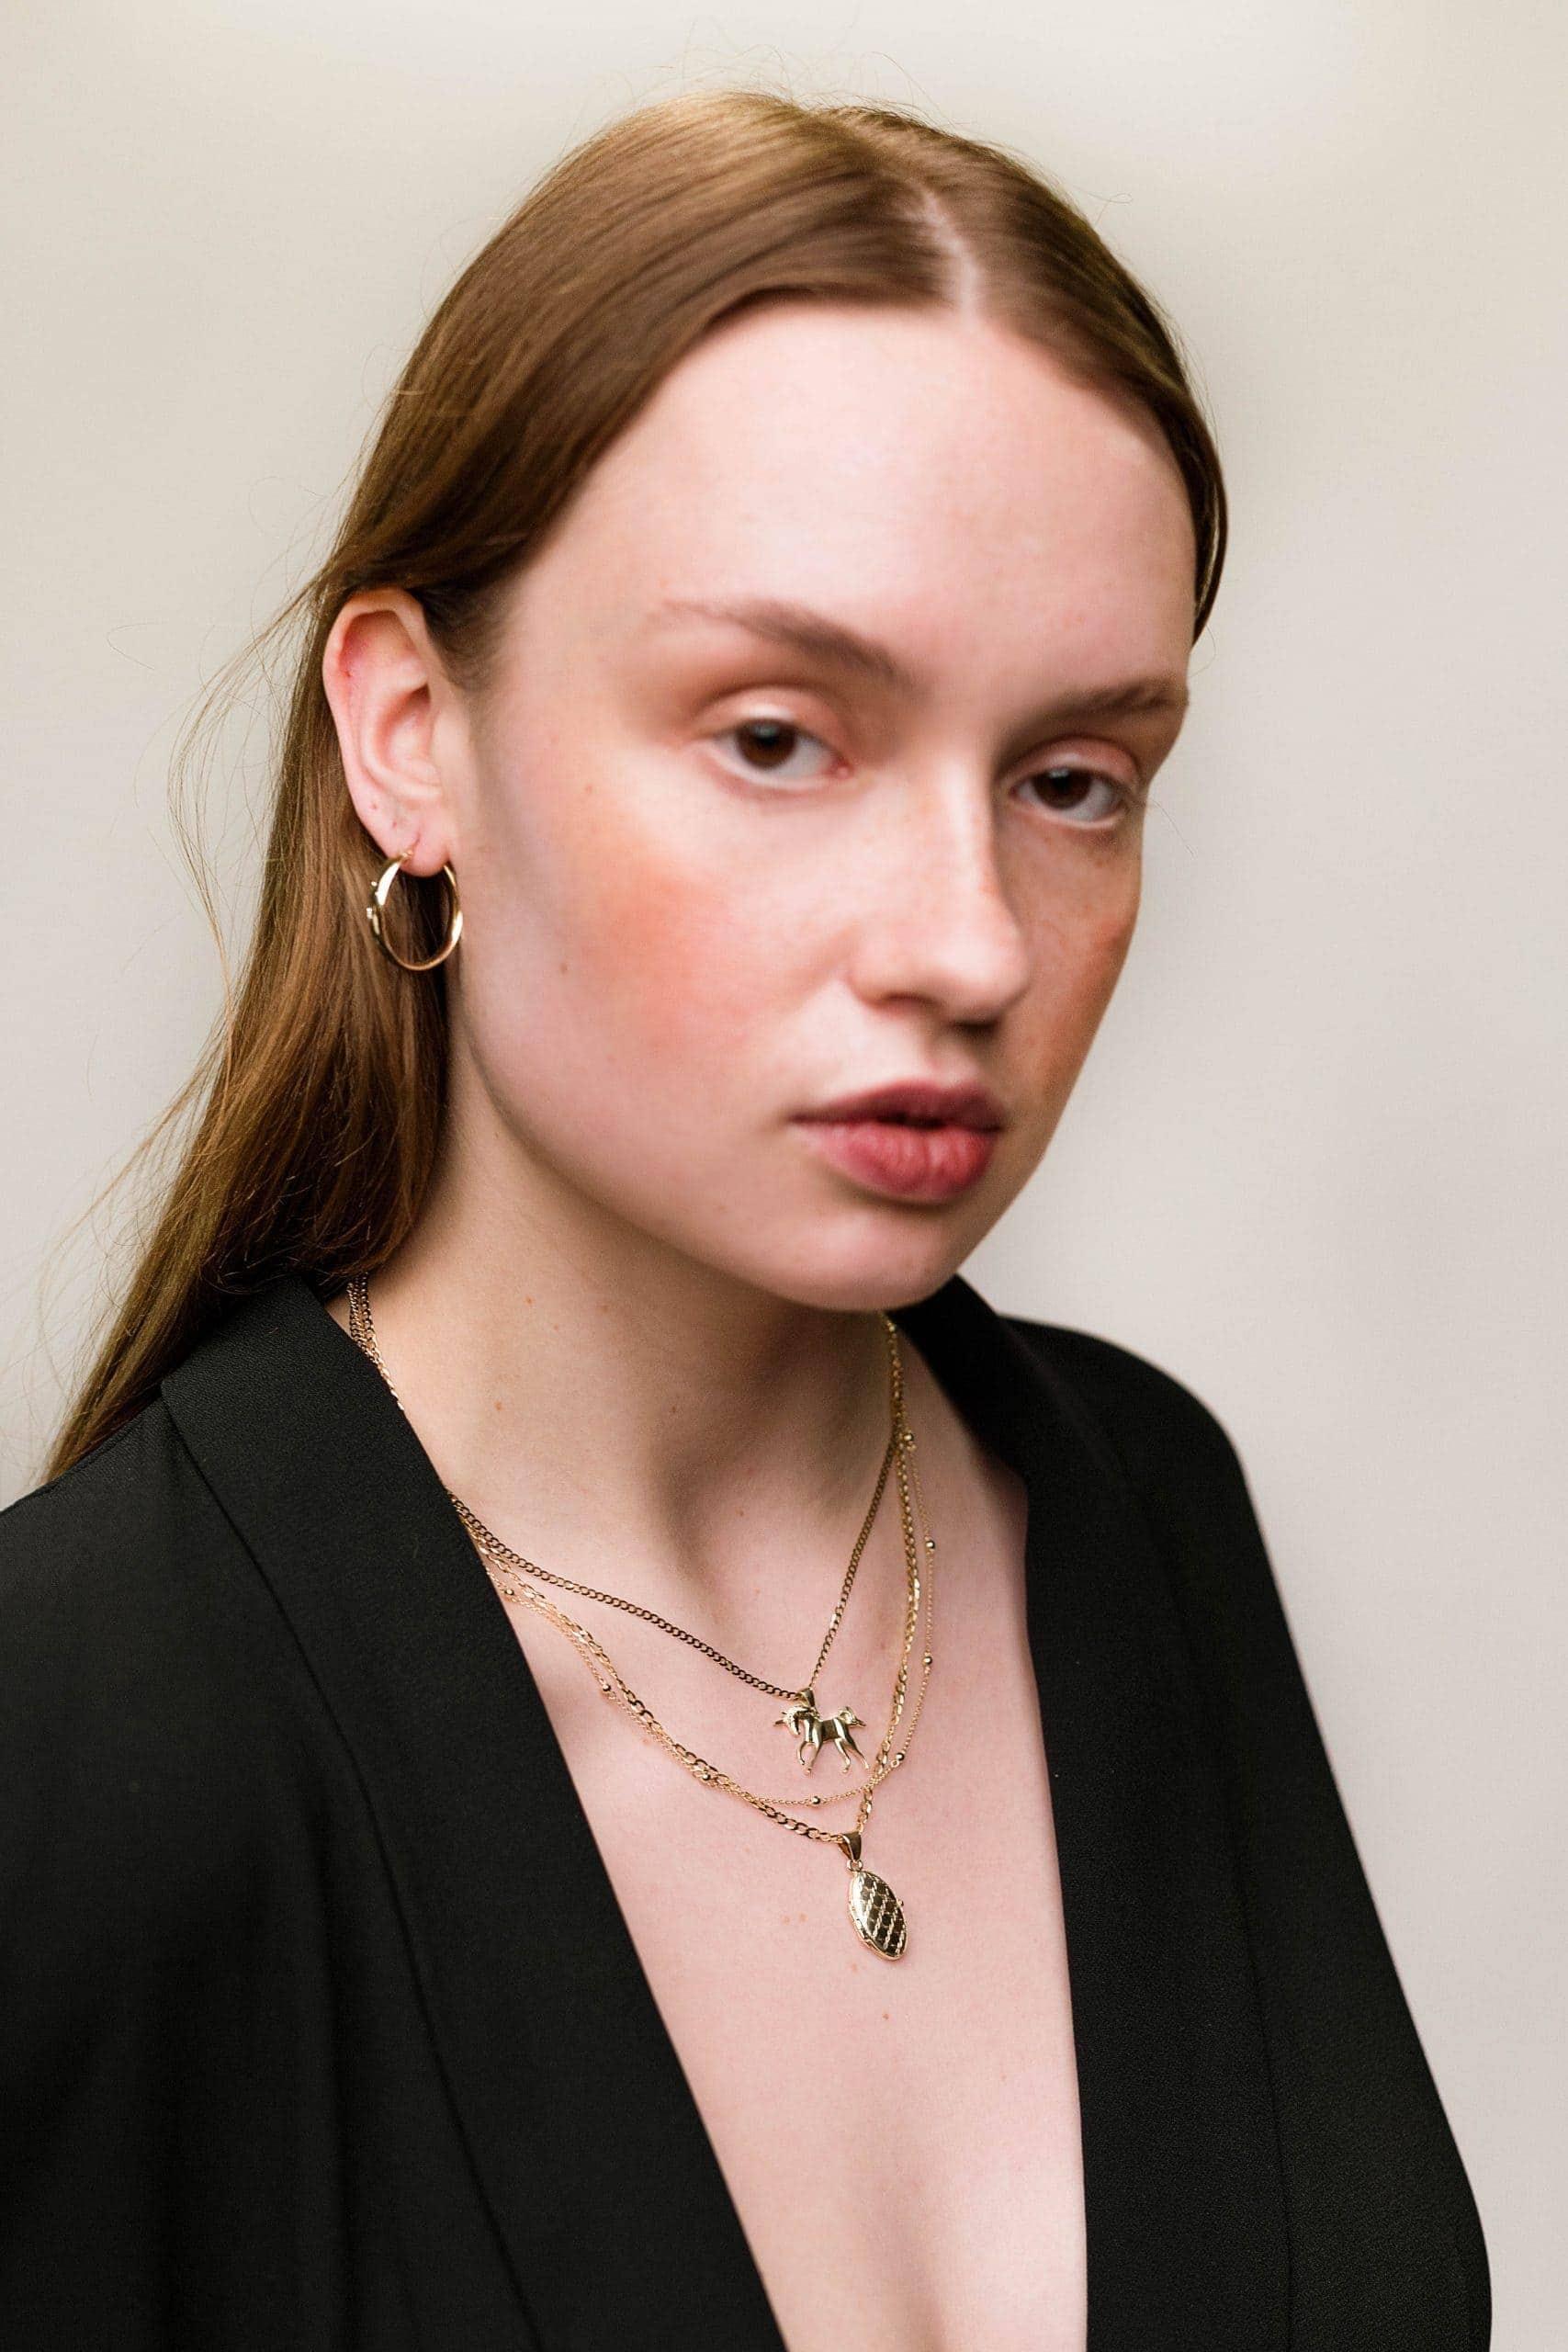 Modelka prezentuje zestaw złotej biżuterii: kolczyki koła, naszyjniki i sekretnik na fotografię.